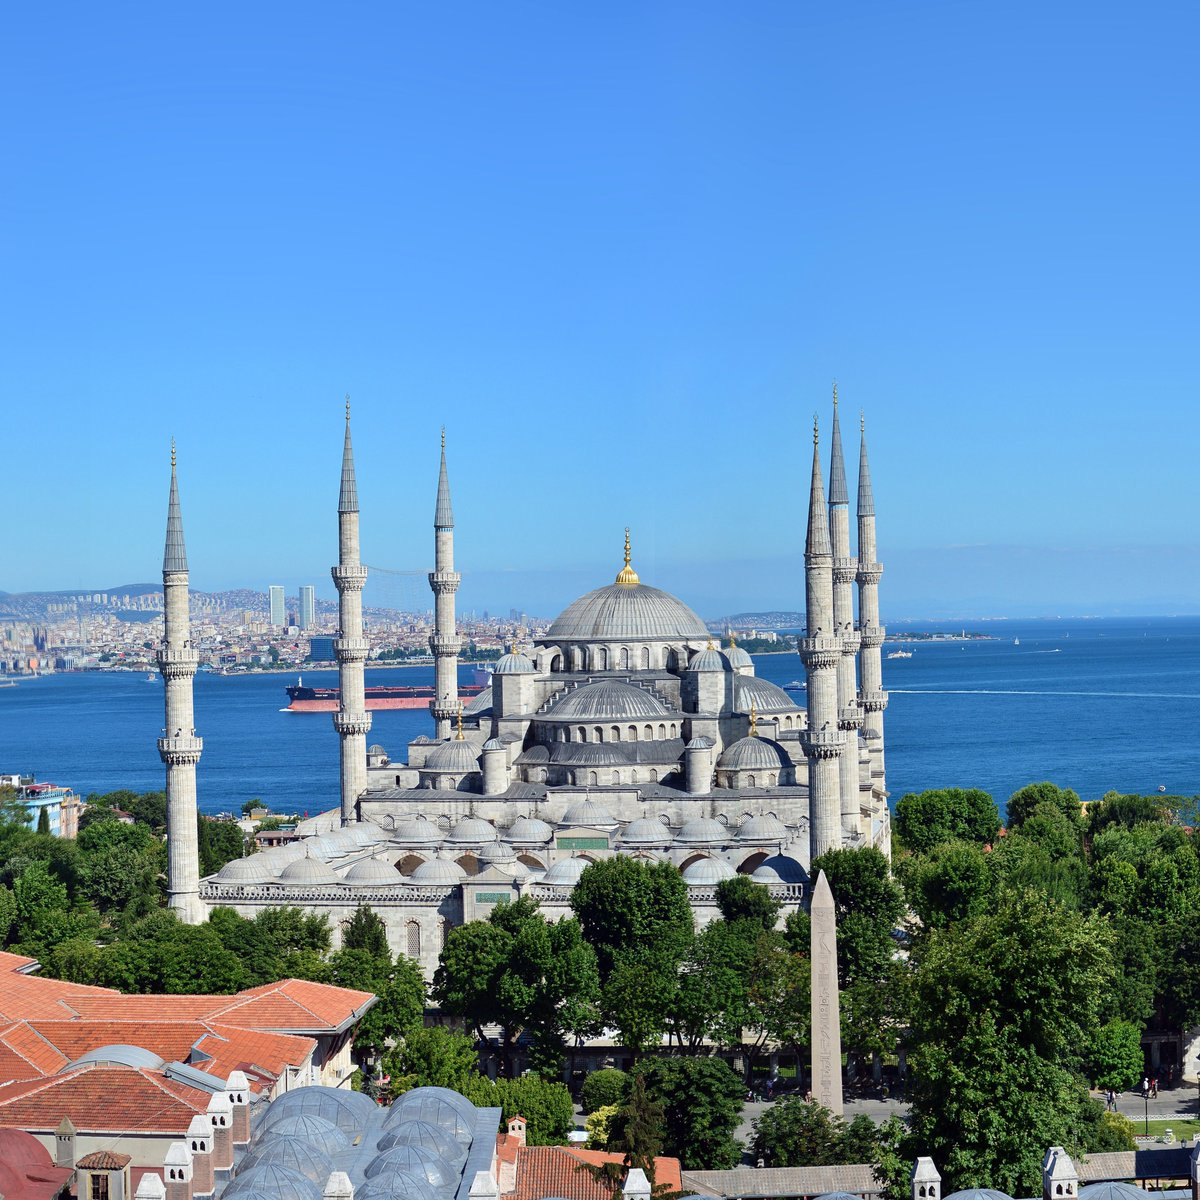 Собор Святой Софии (Айя София) в Стамбуле из музея вновь превратится в мечеть. #турция #стамбулpic.twitter.com/bGYabRehtI